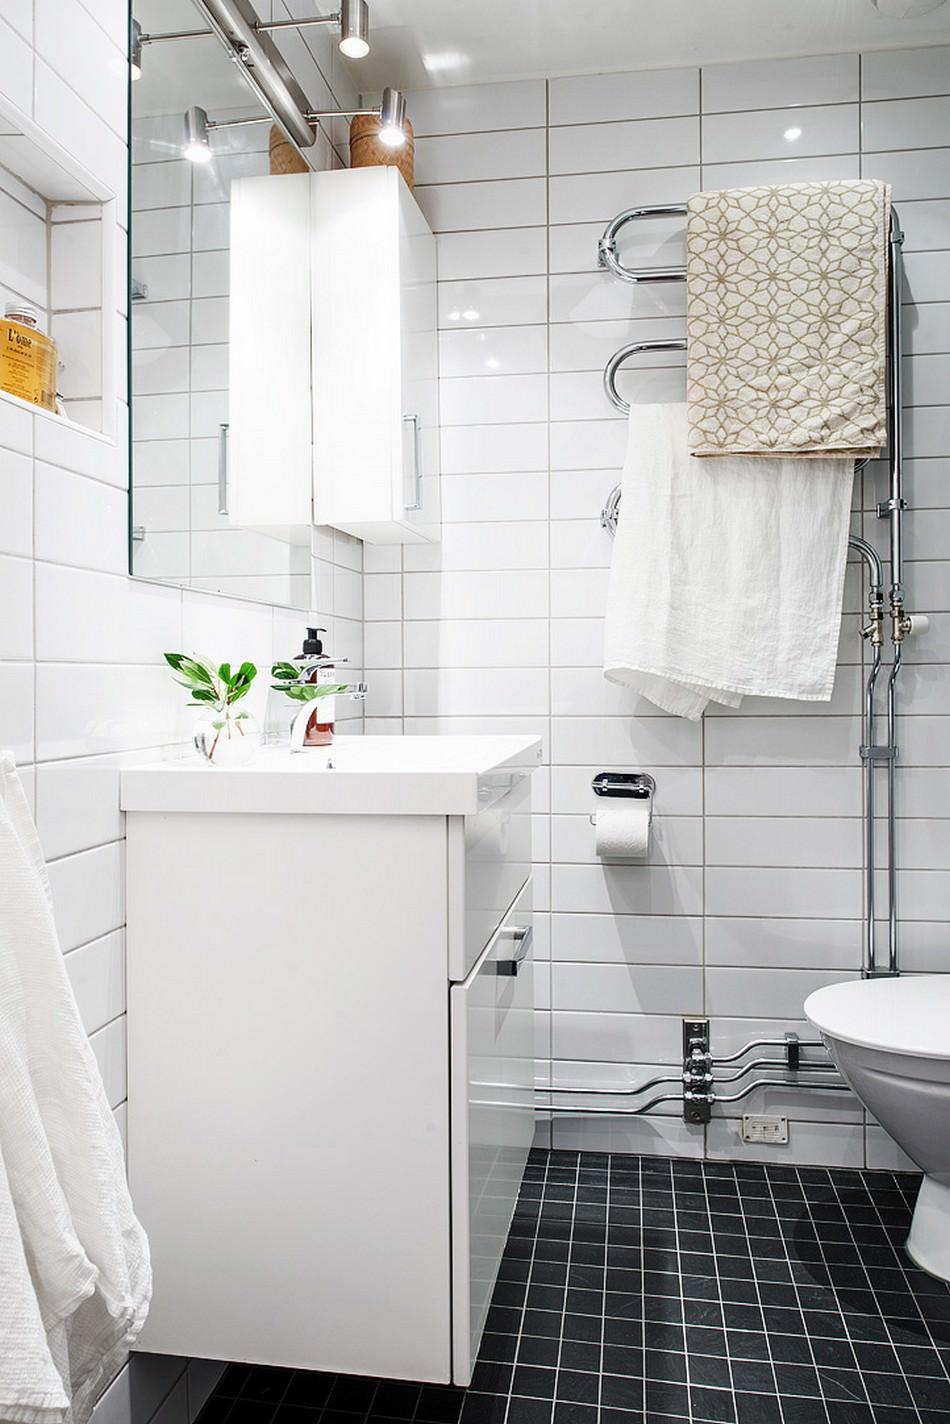 svetal-dvustaen-apartament-v-moderen-shvedski-stil-910g